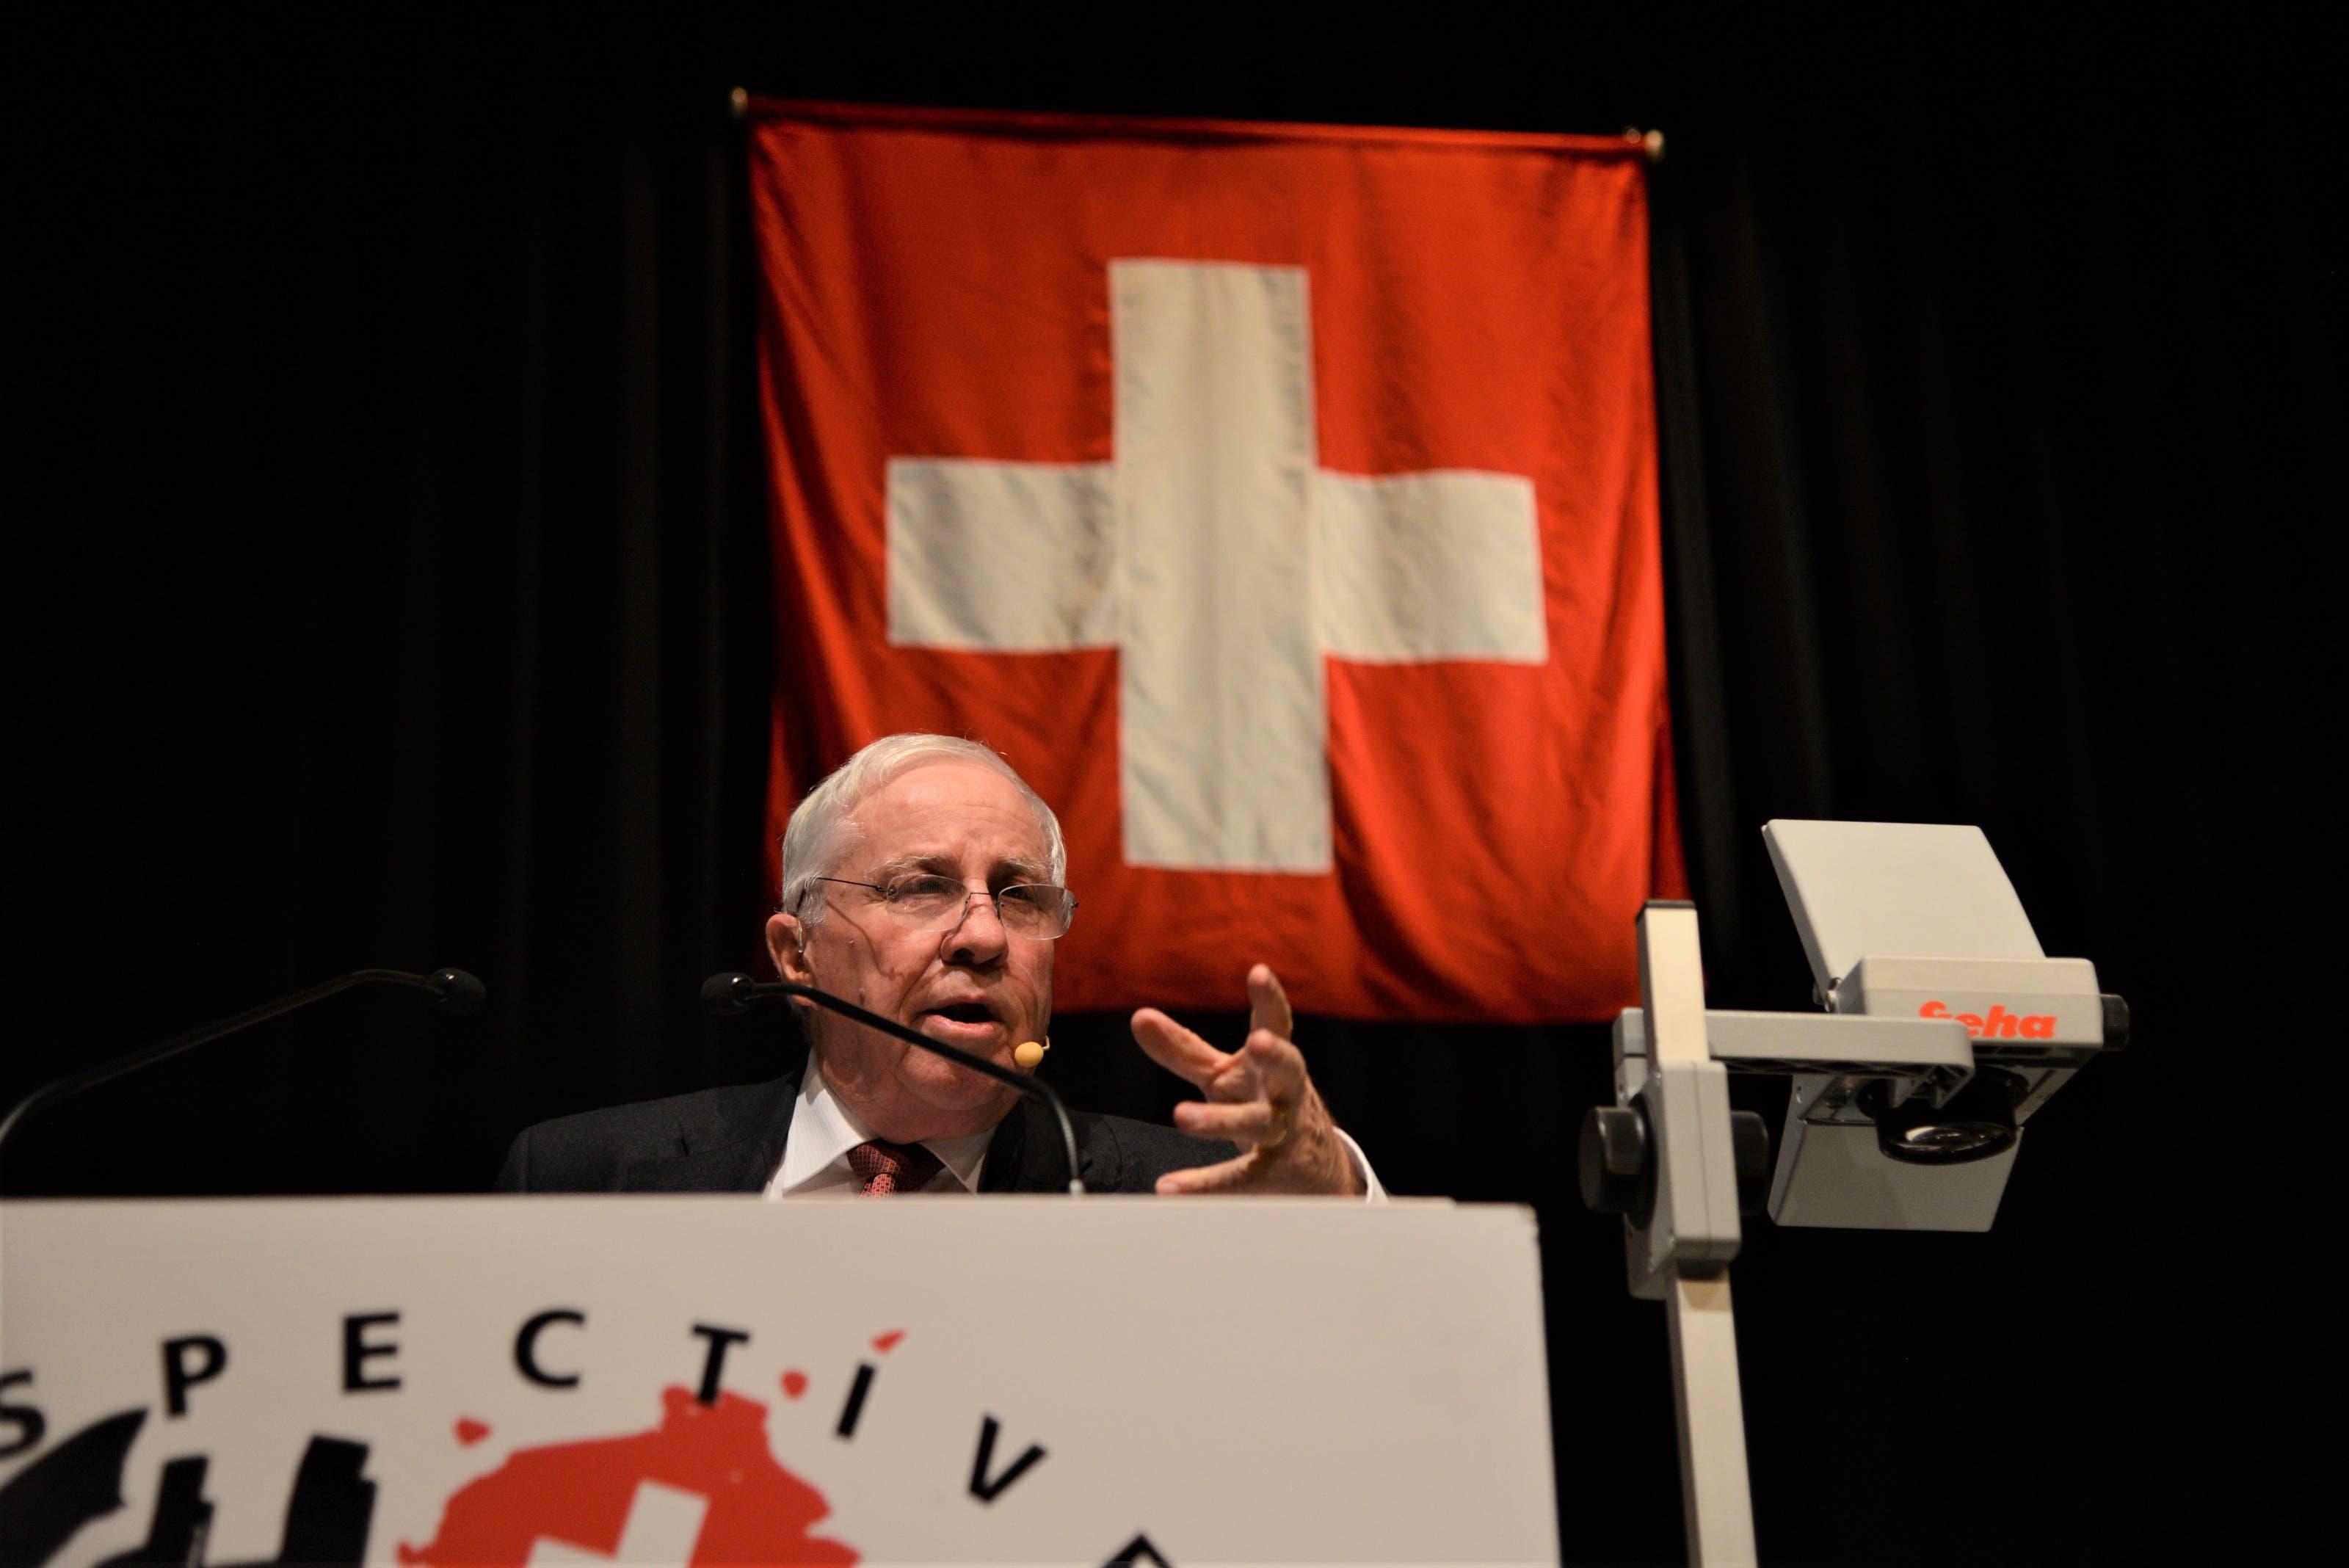 Alt Bundesrat Chrsistoph Blocher (SVP) referiert auf Einladung von Perspektive CH